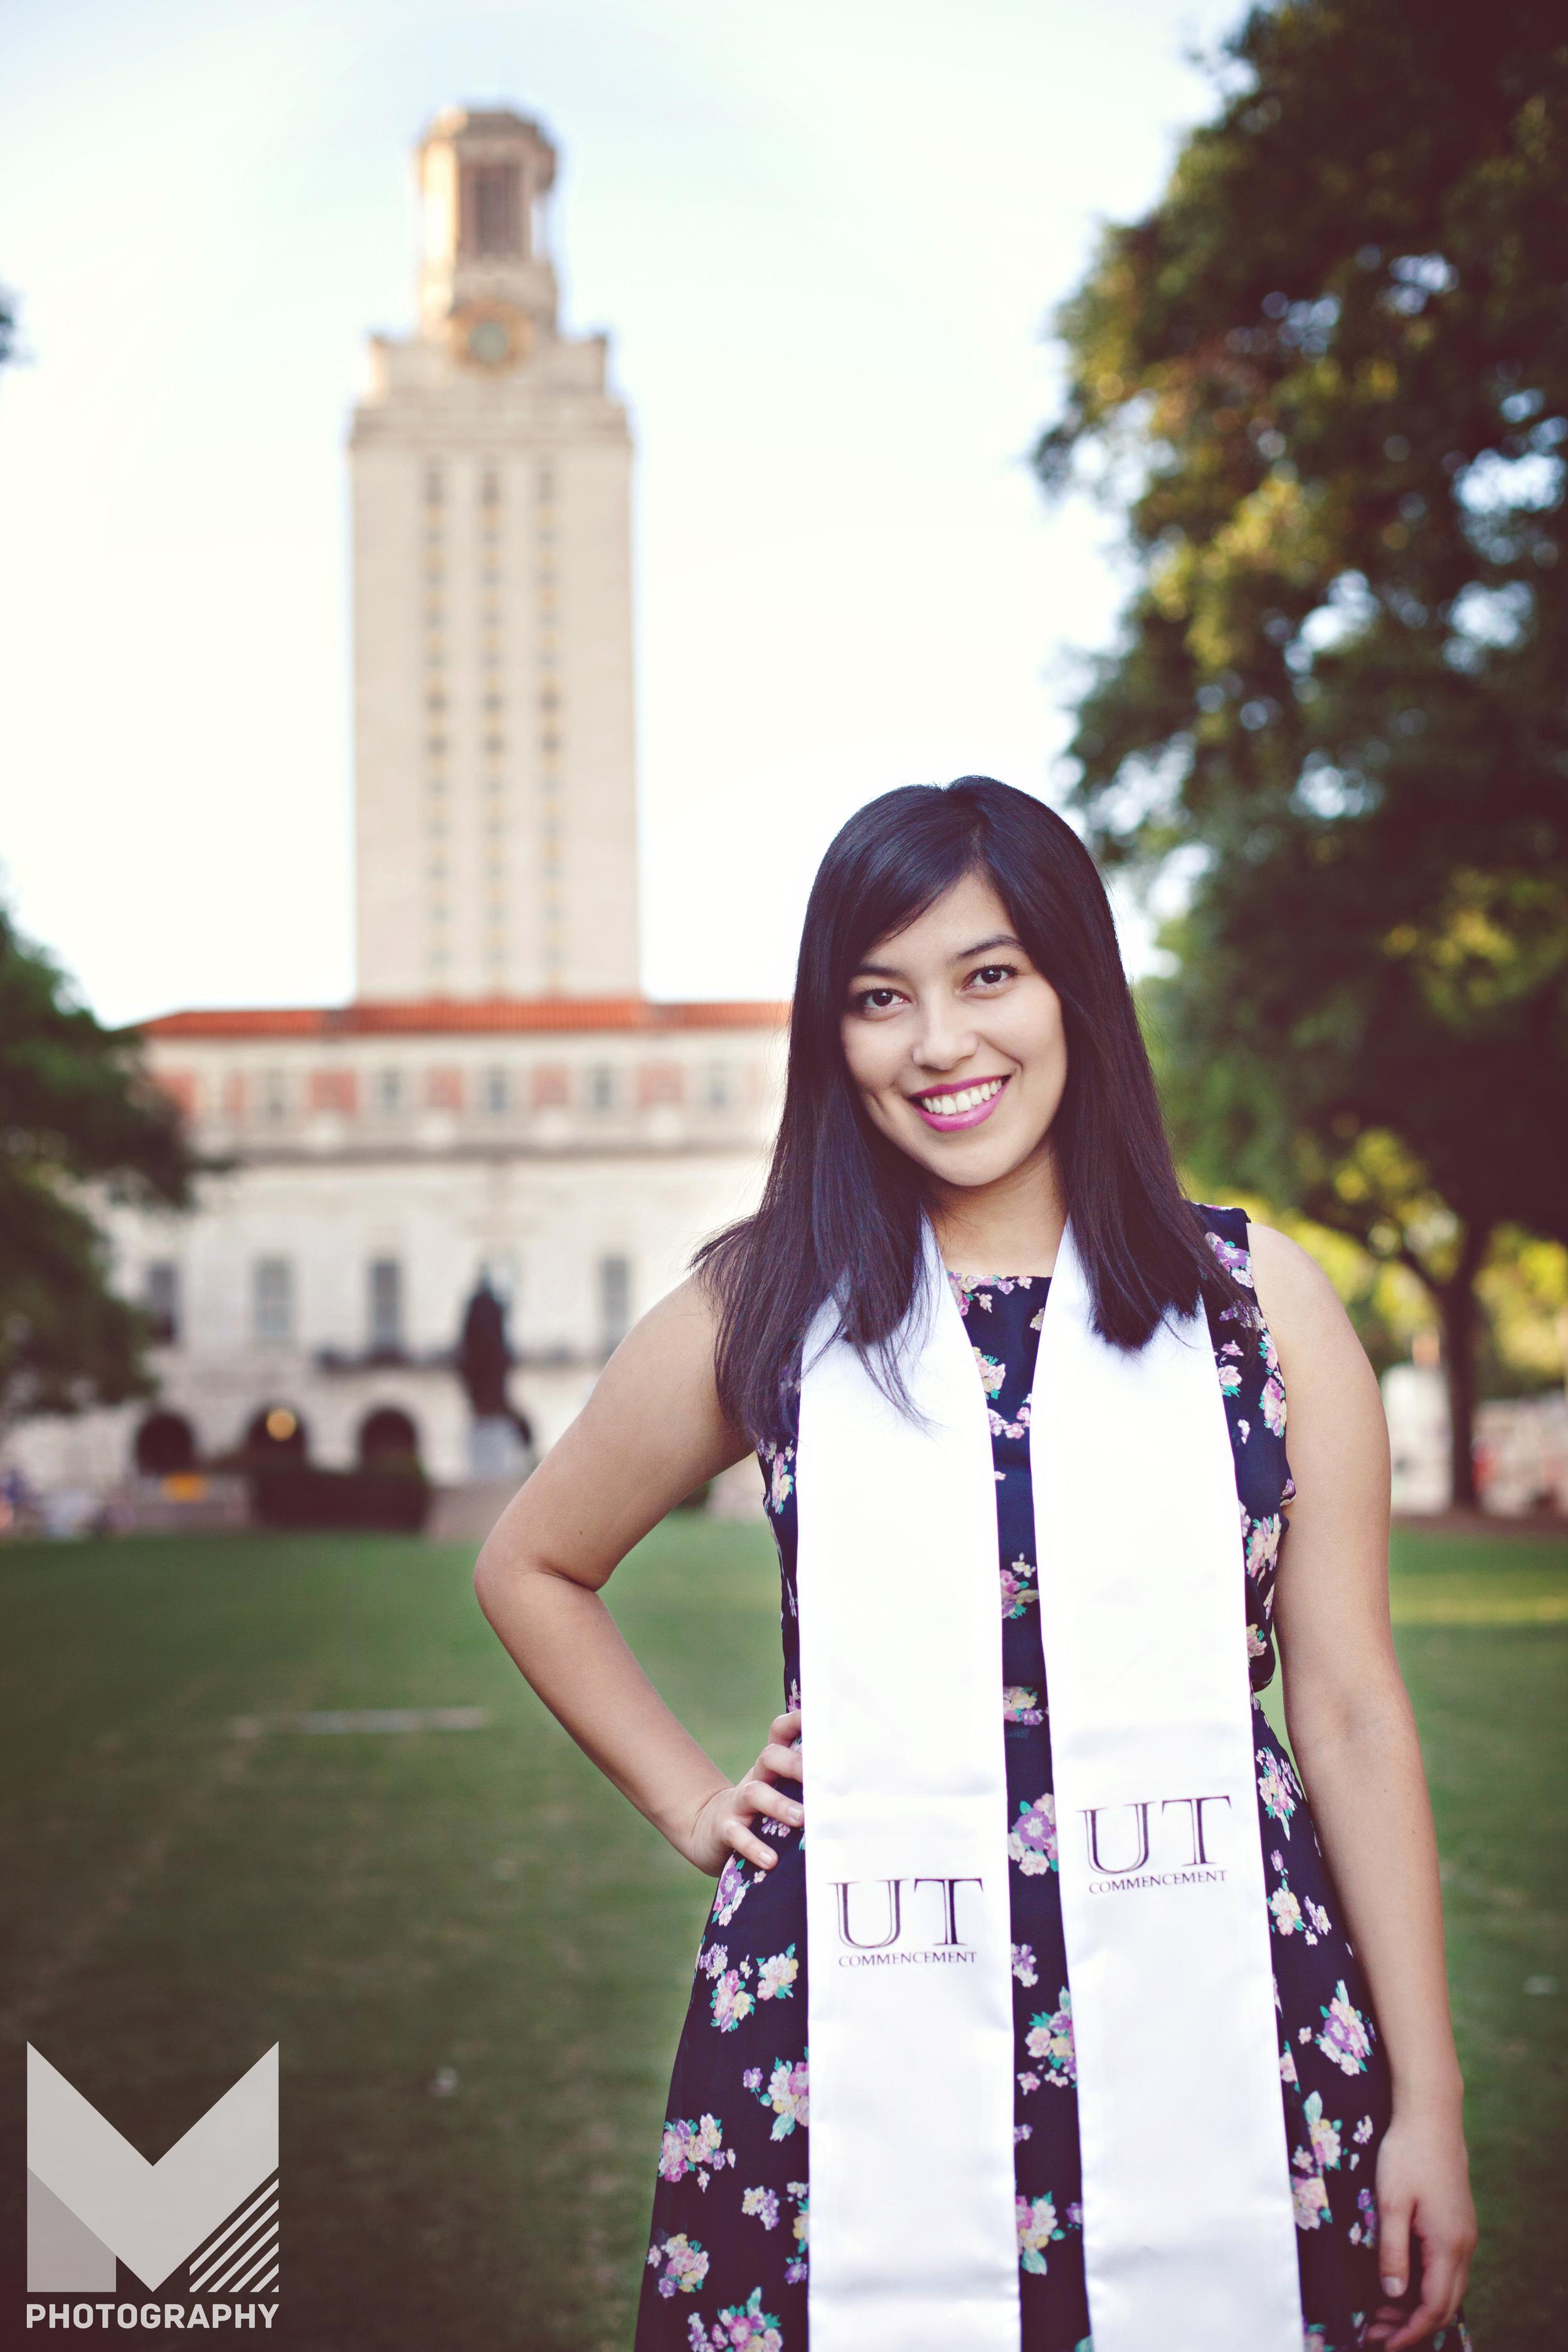 Arleen Lopez UT Tower Senior Portrait.jpg